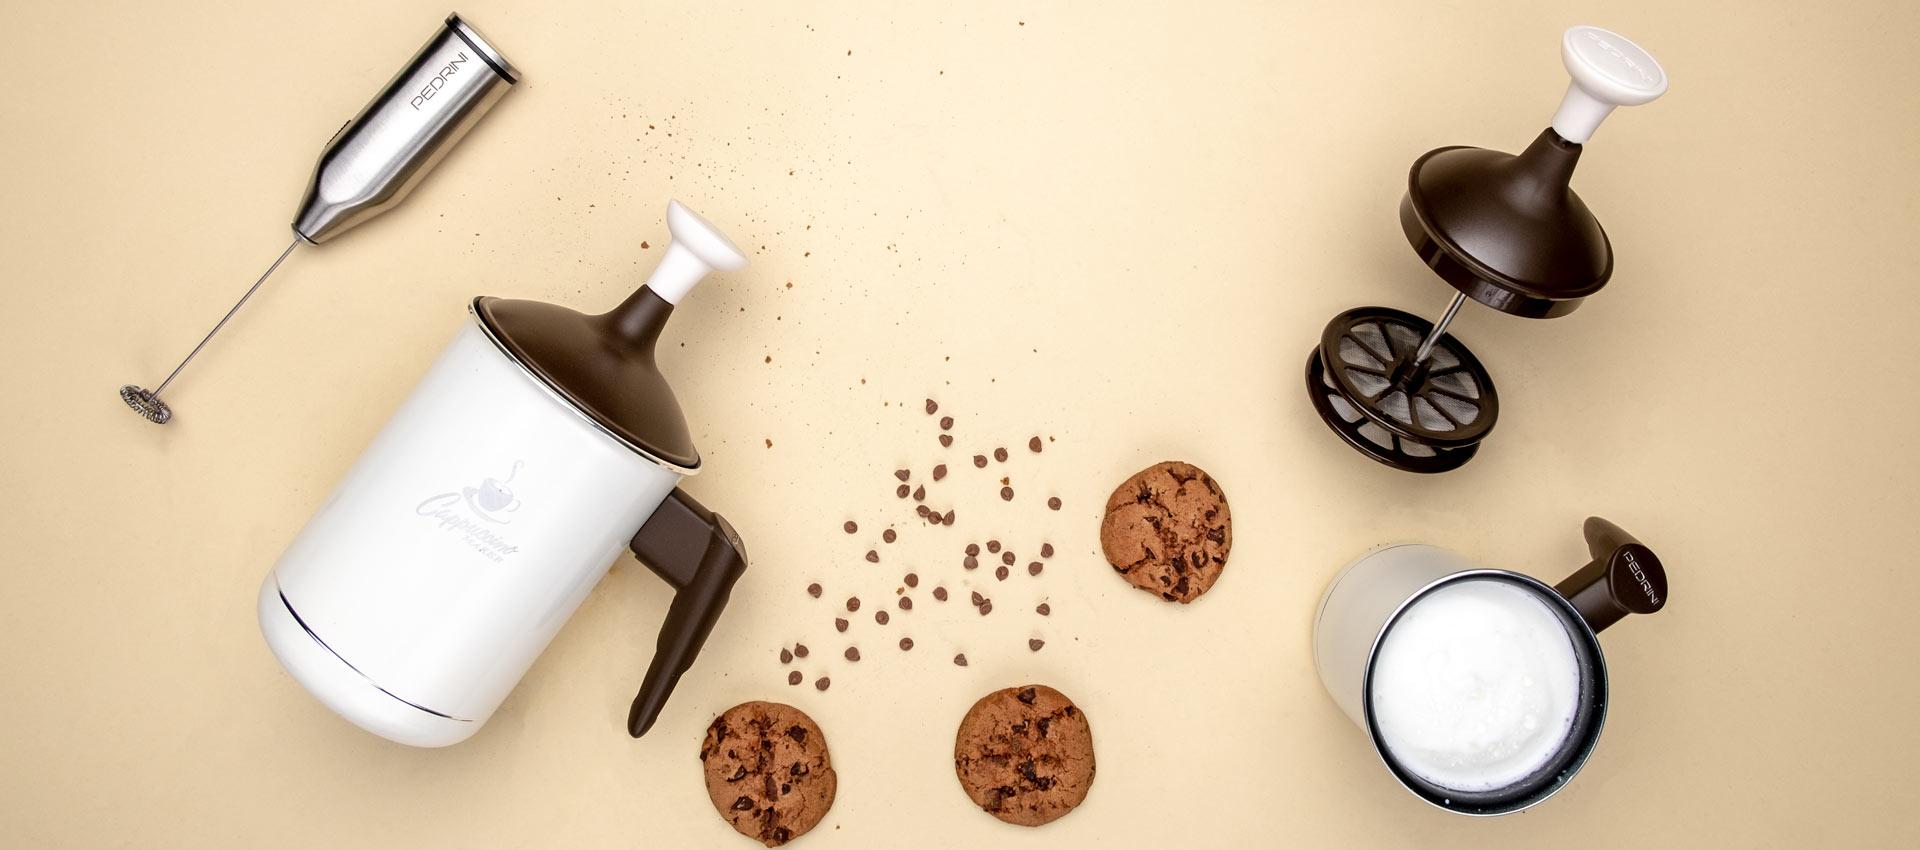 pedrini-prodotti-caffetteria-8